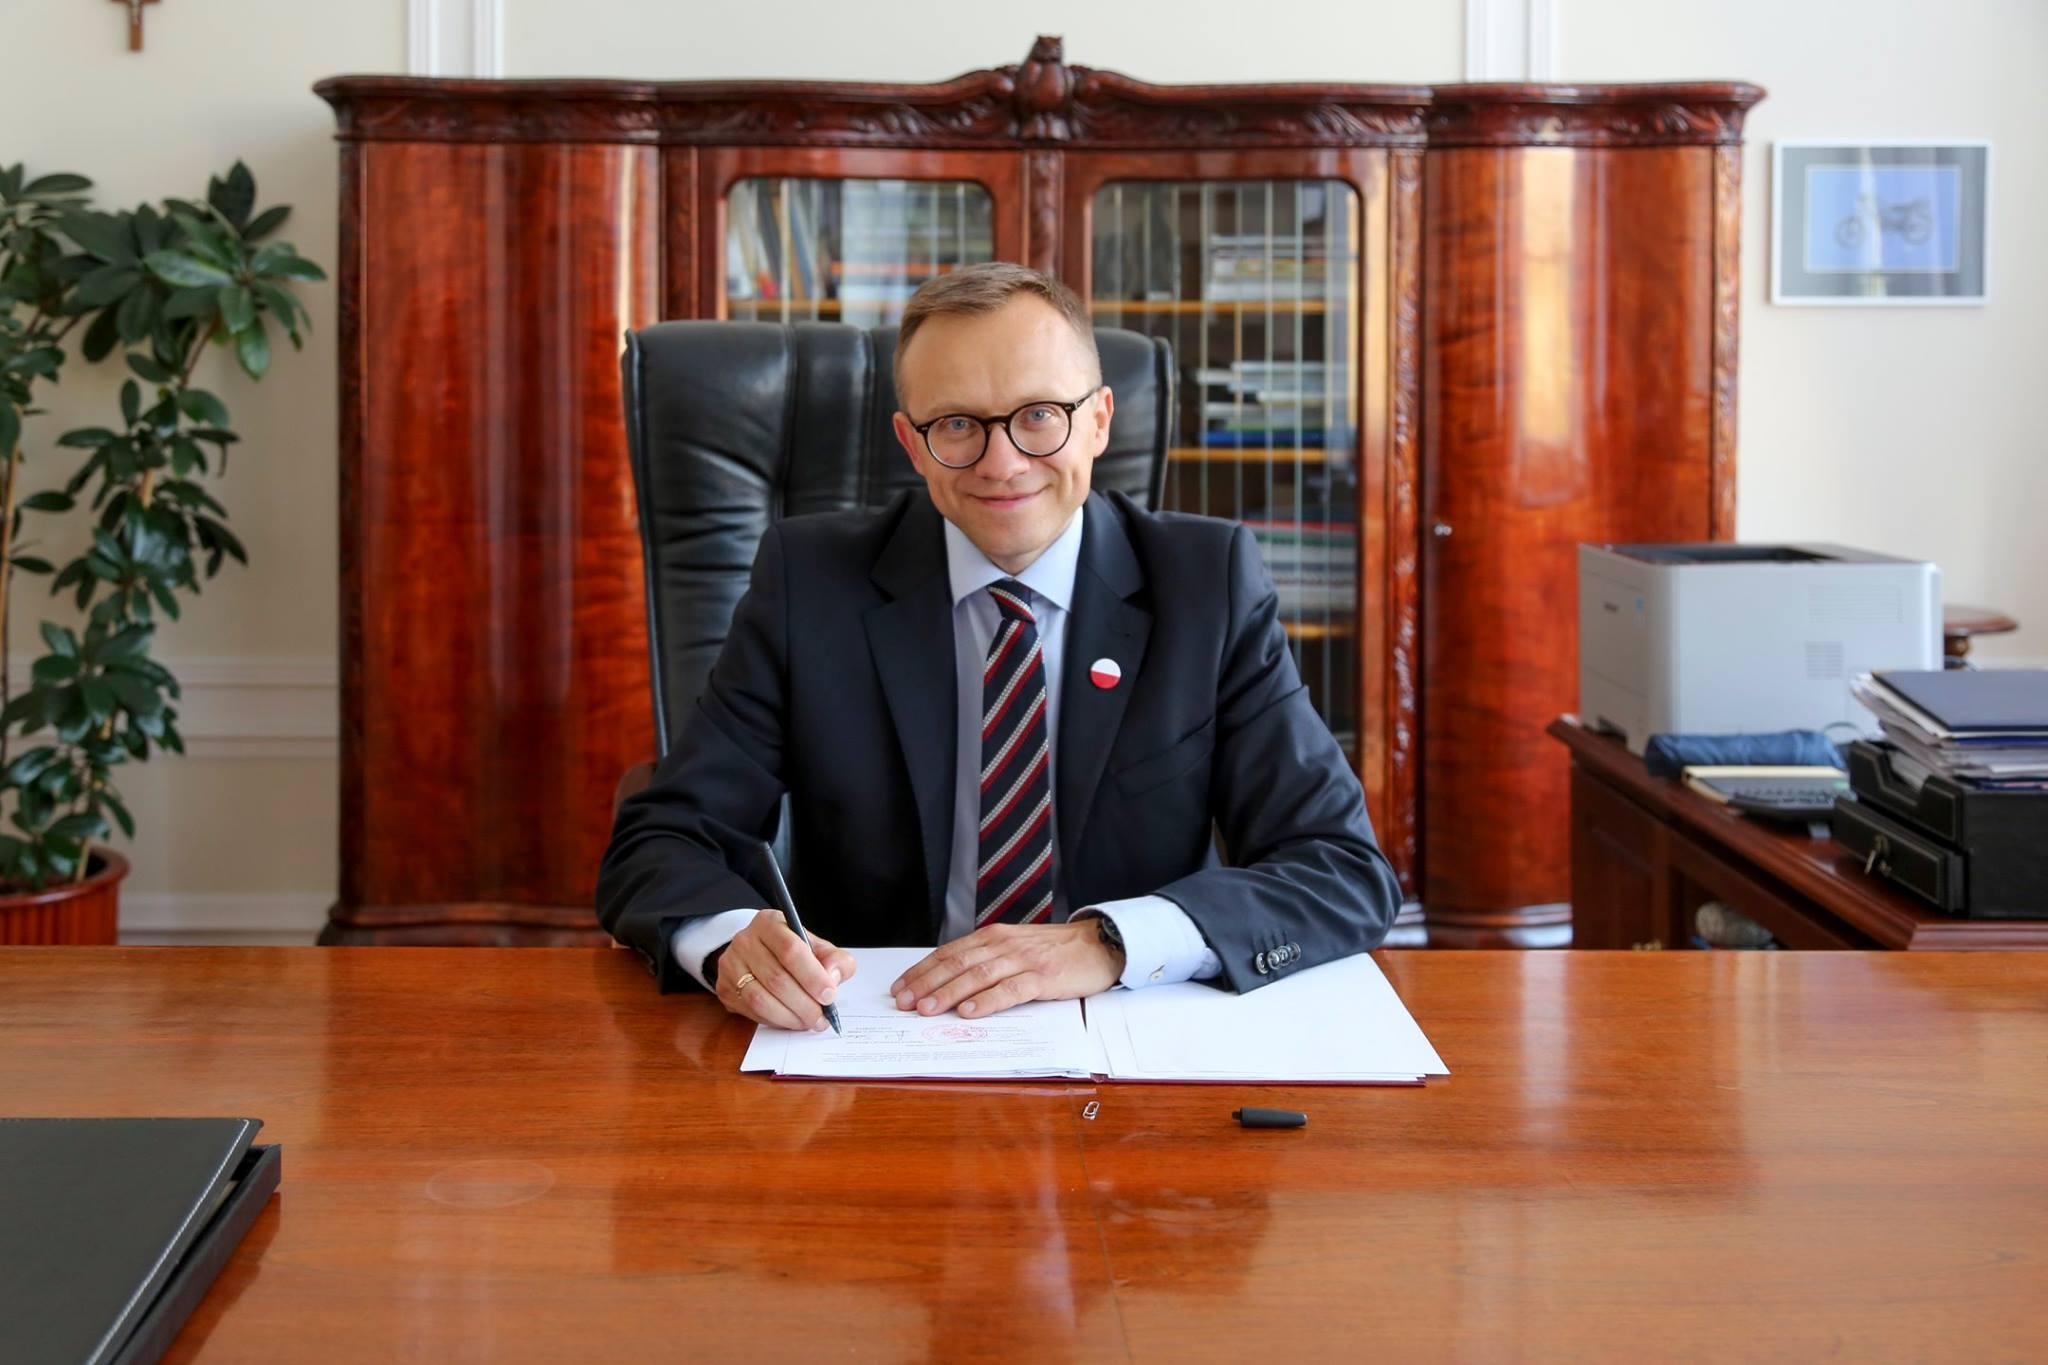 Porozumienie usprawniające przekazywanie gruntów Agencji Mienia Wojskowego podpisane